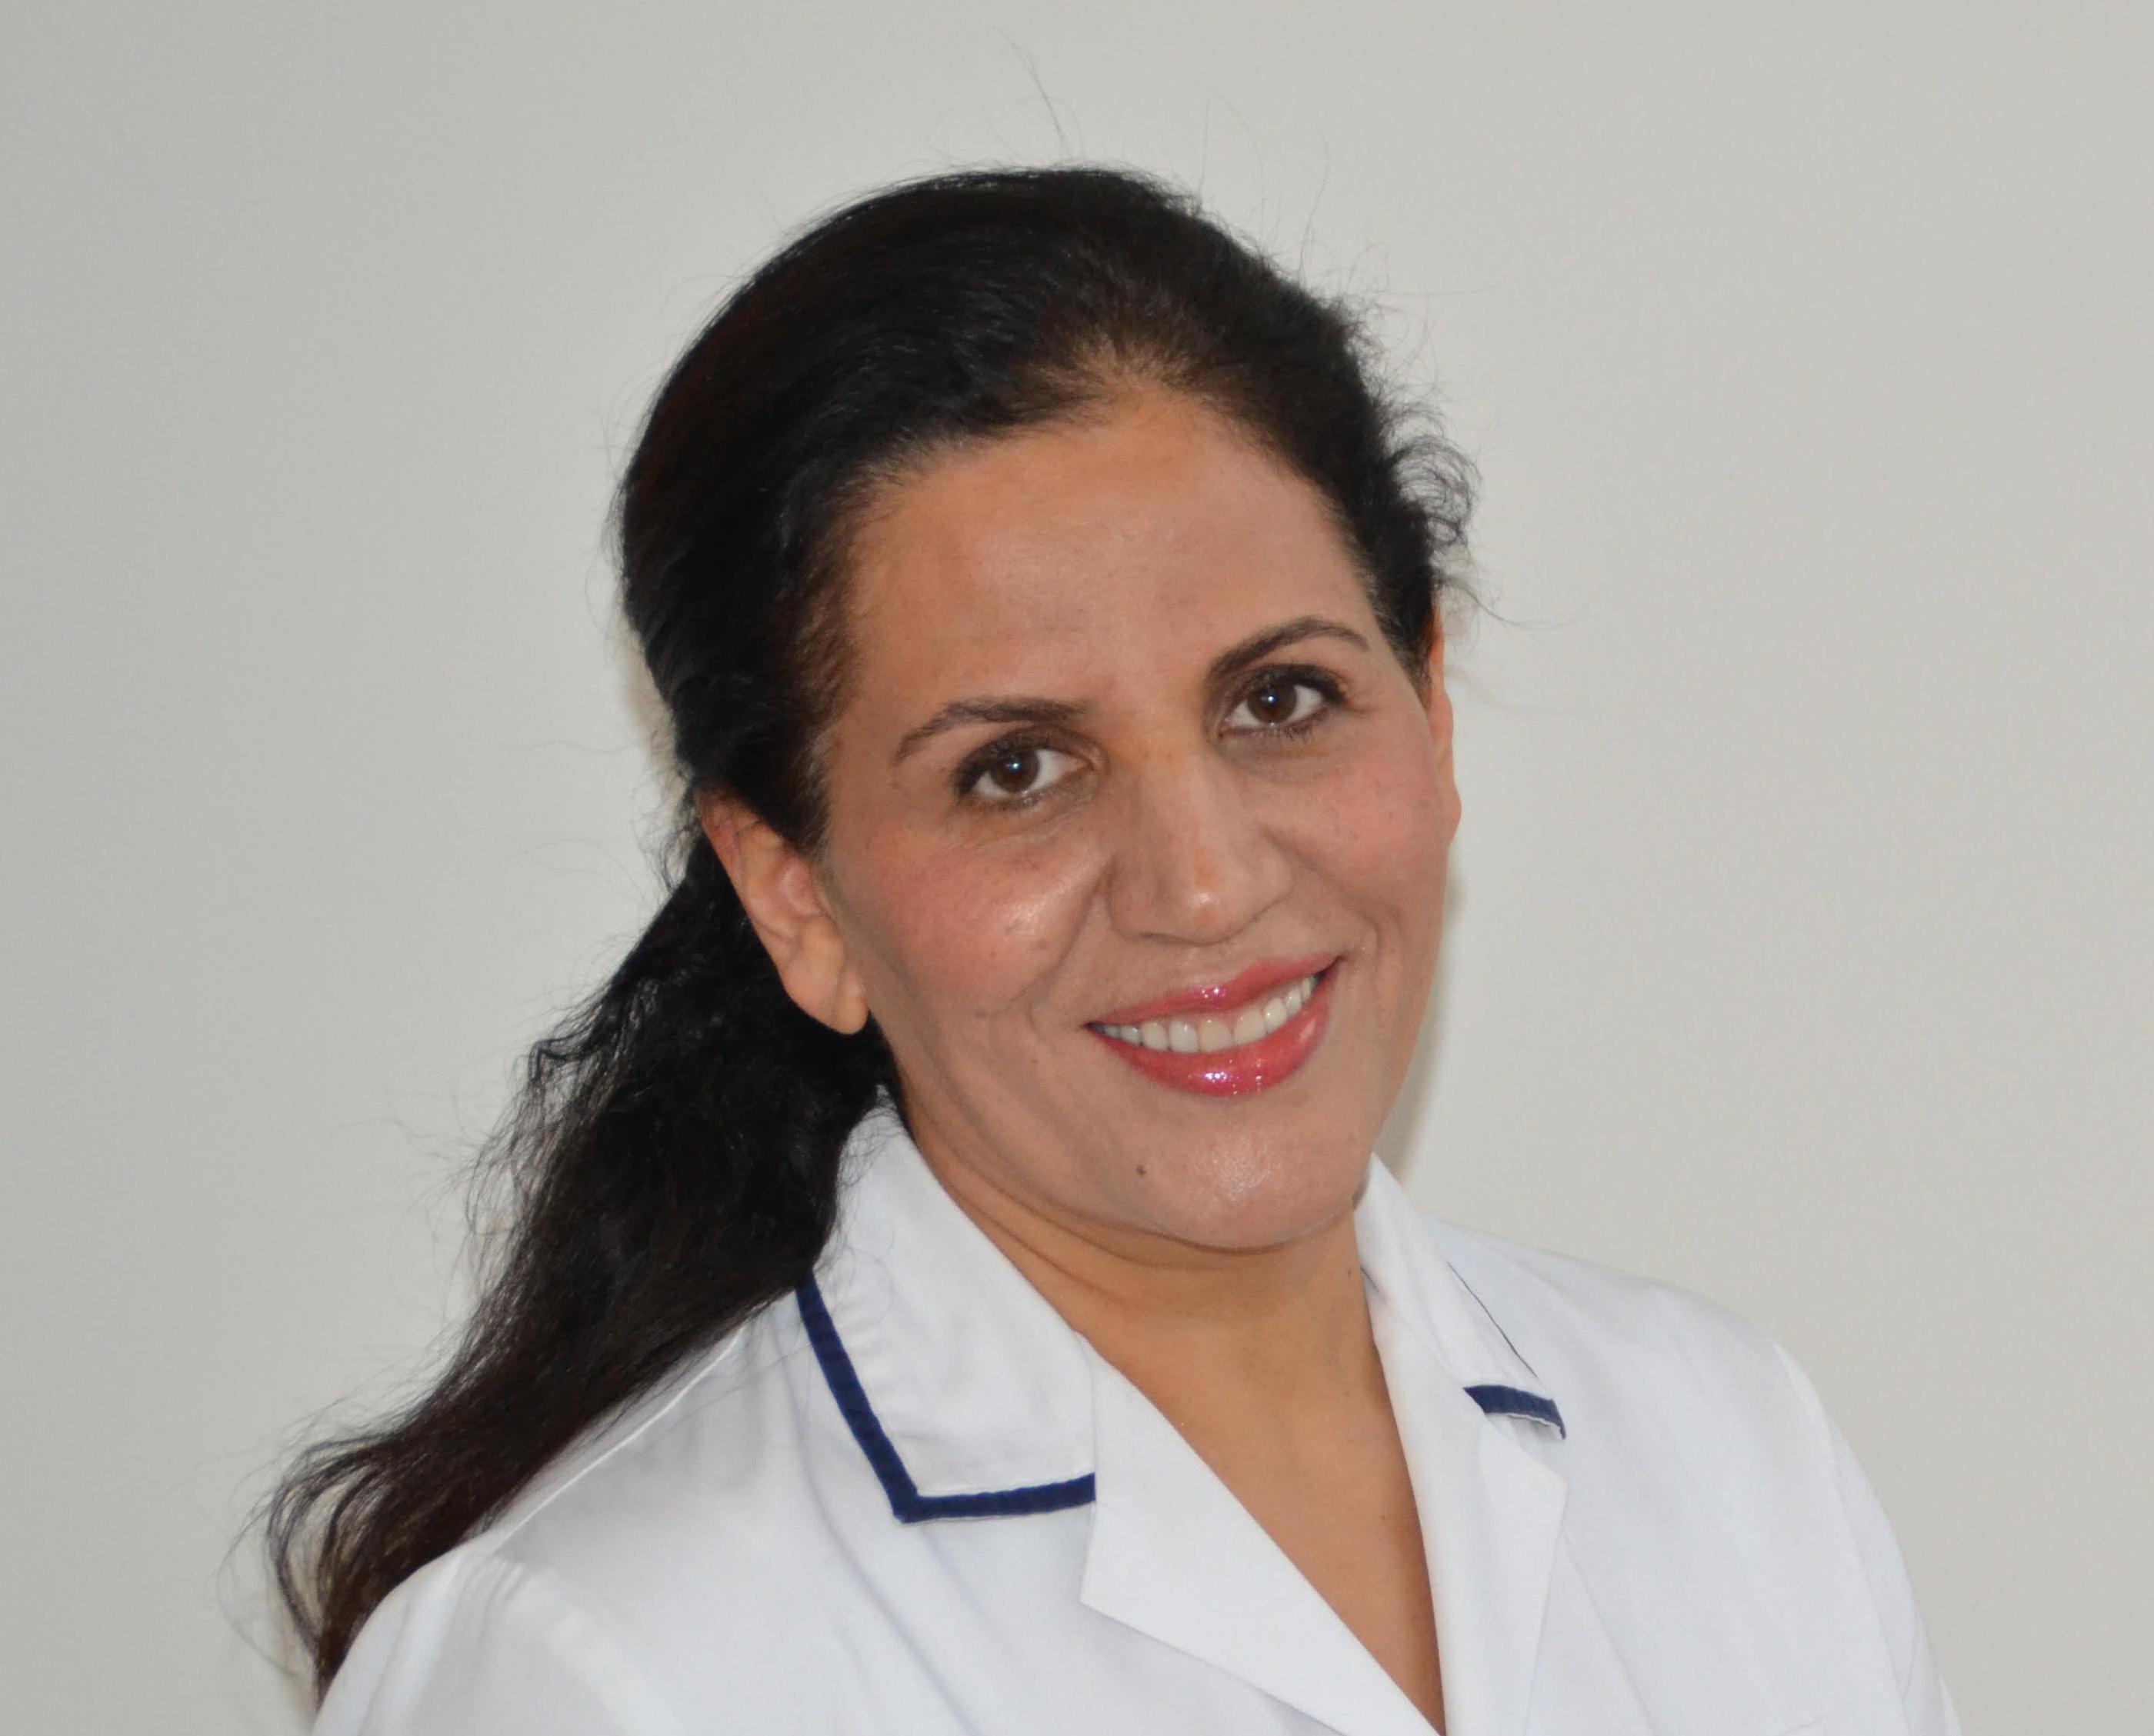 Sima Rahimi